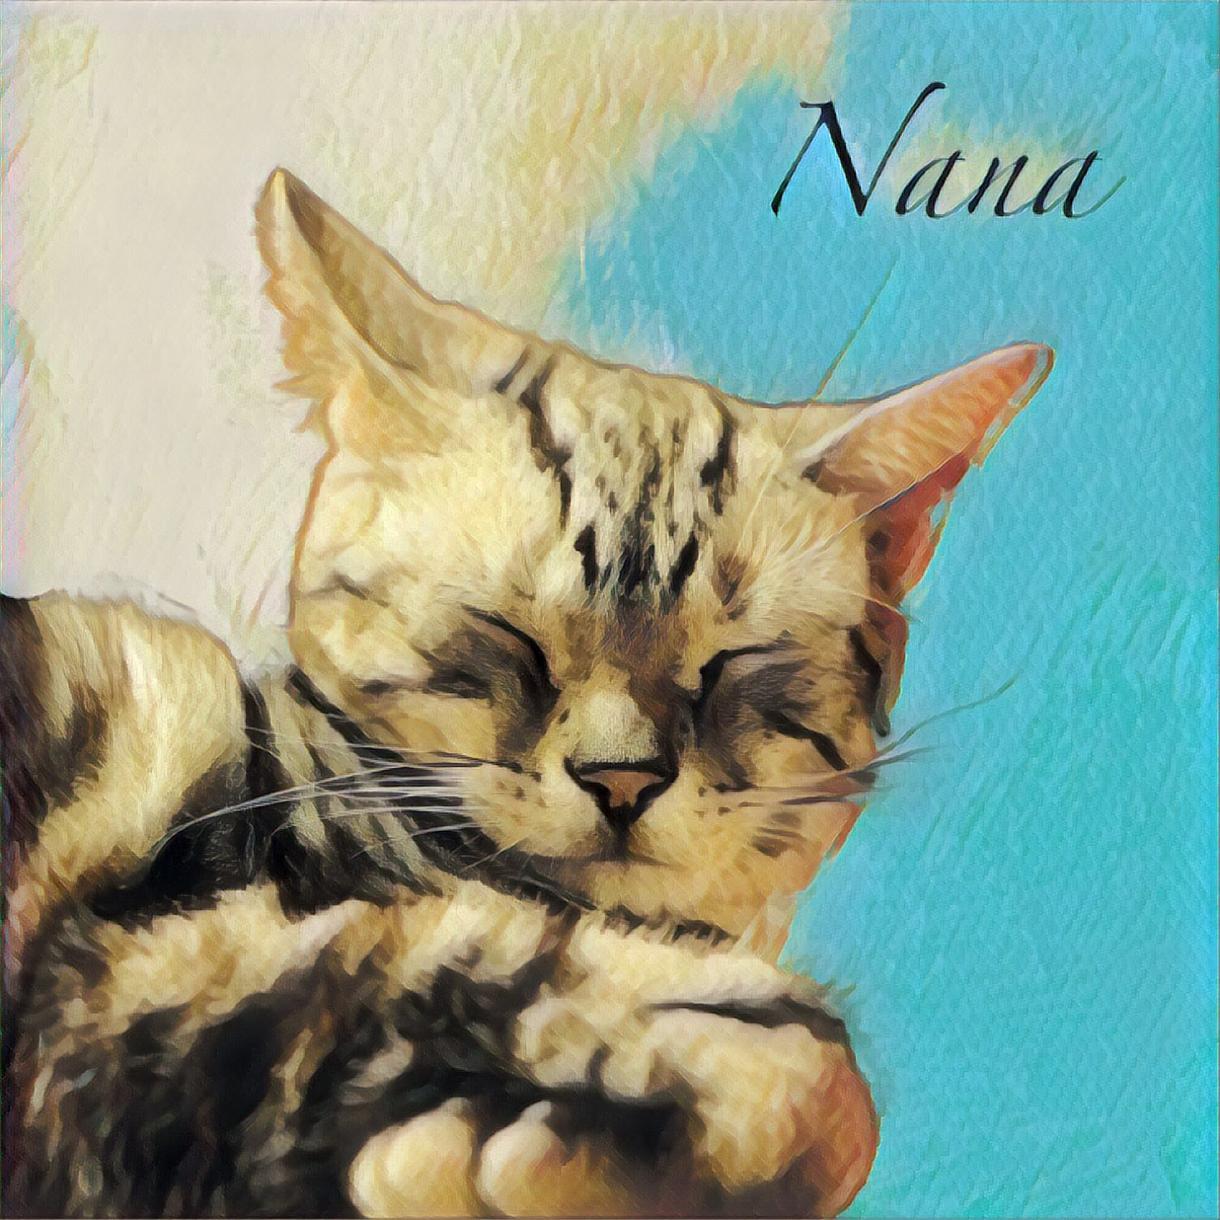 ペットの写真を絵画風に加工します SNSのアイコンや誕生日の記念などにどうぞ